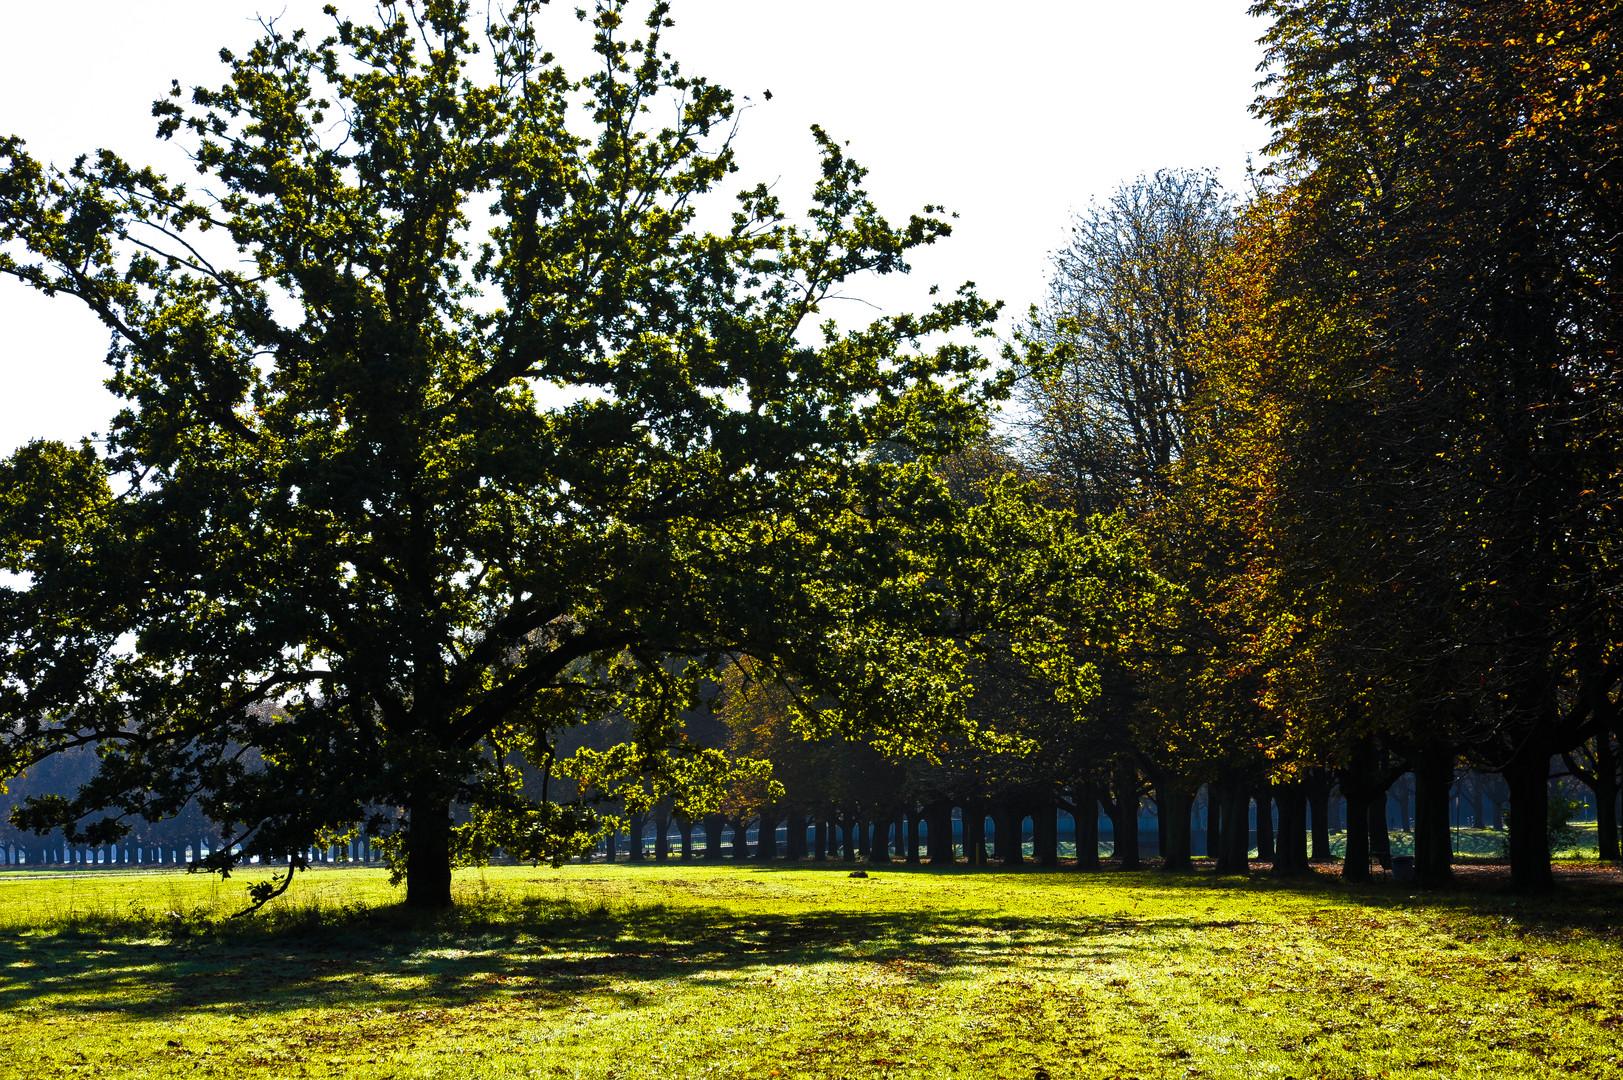 Baumallee im Herbst